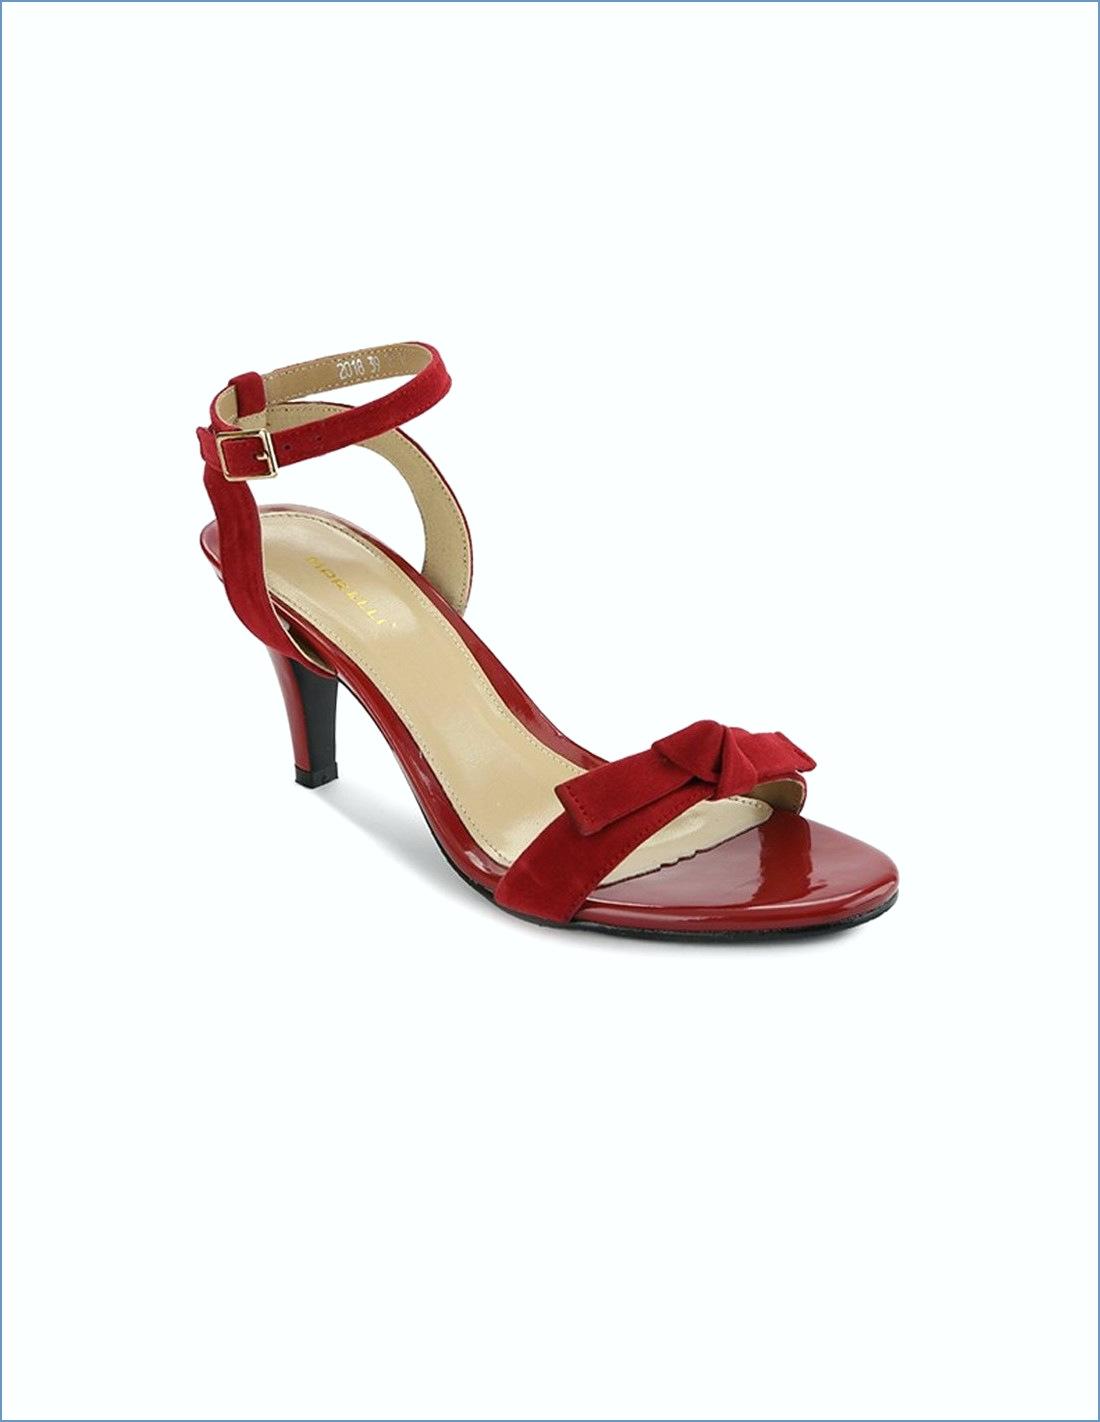 402 8359 marelli high heels wanita 2018 tentang High Heel Wanita sepatu hak sepatu hak tinggi